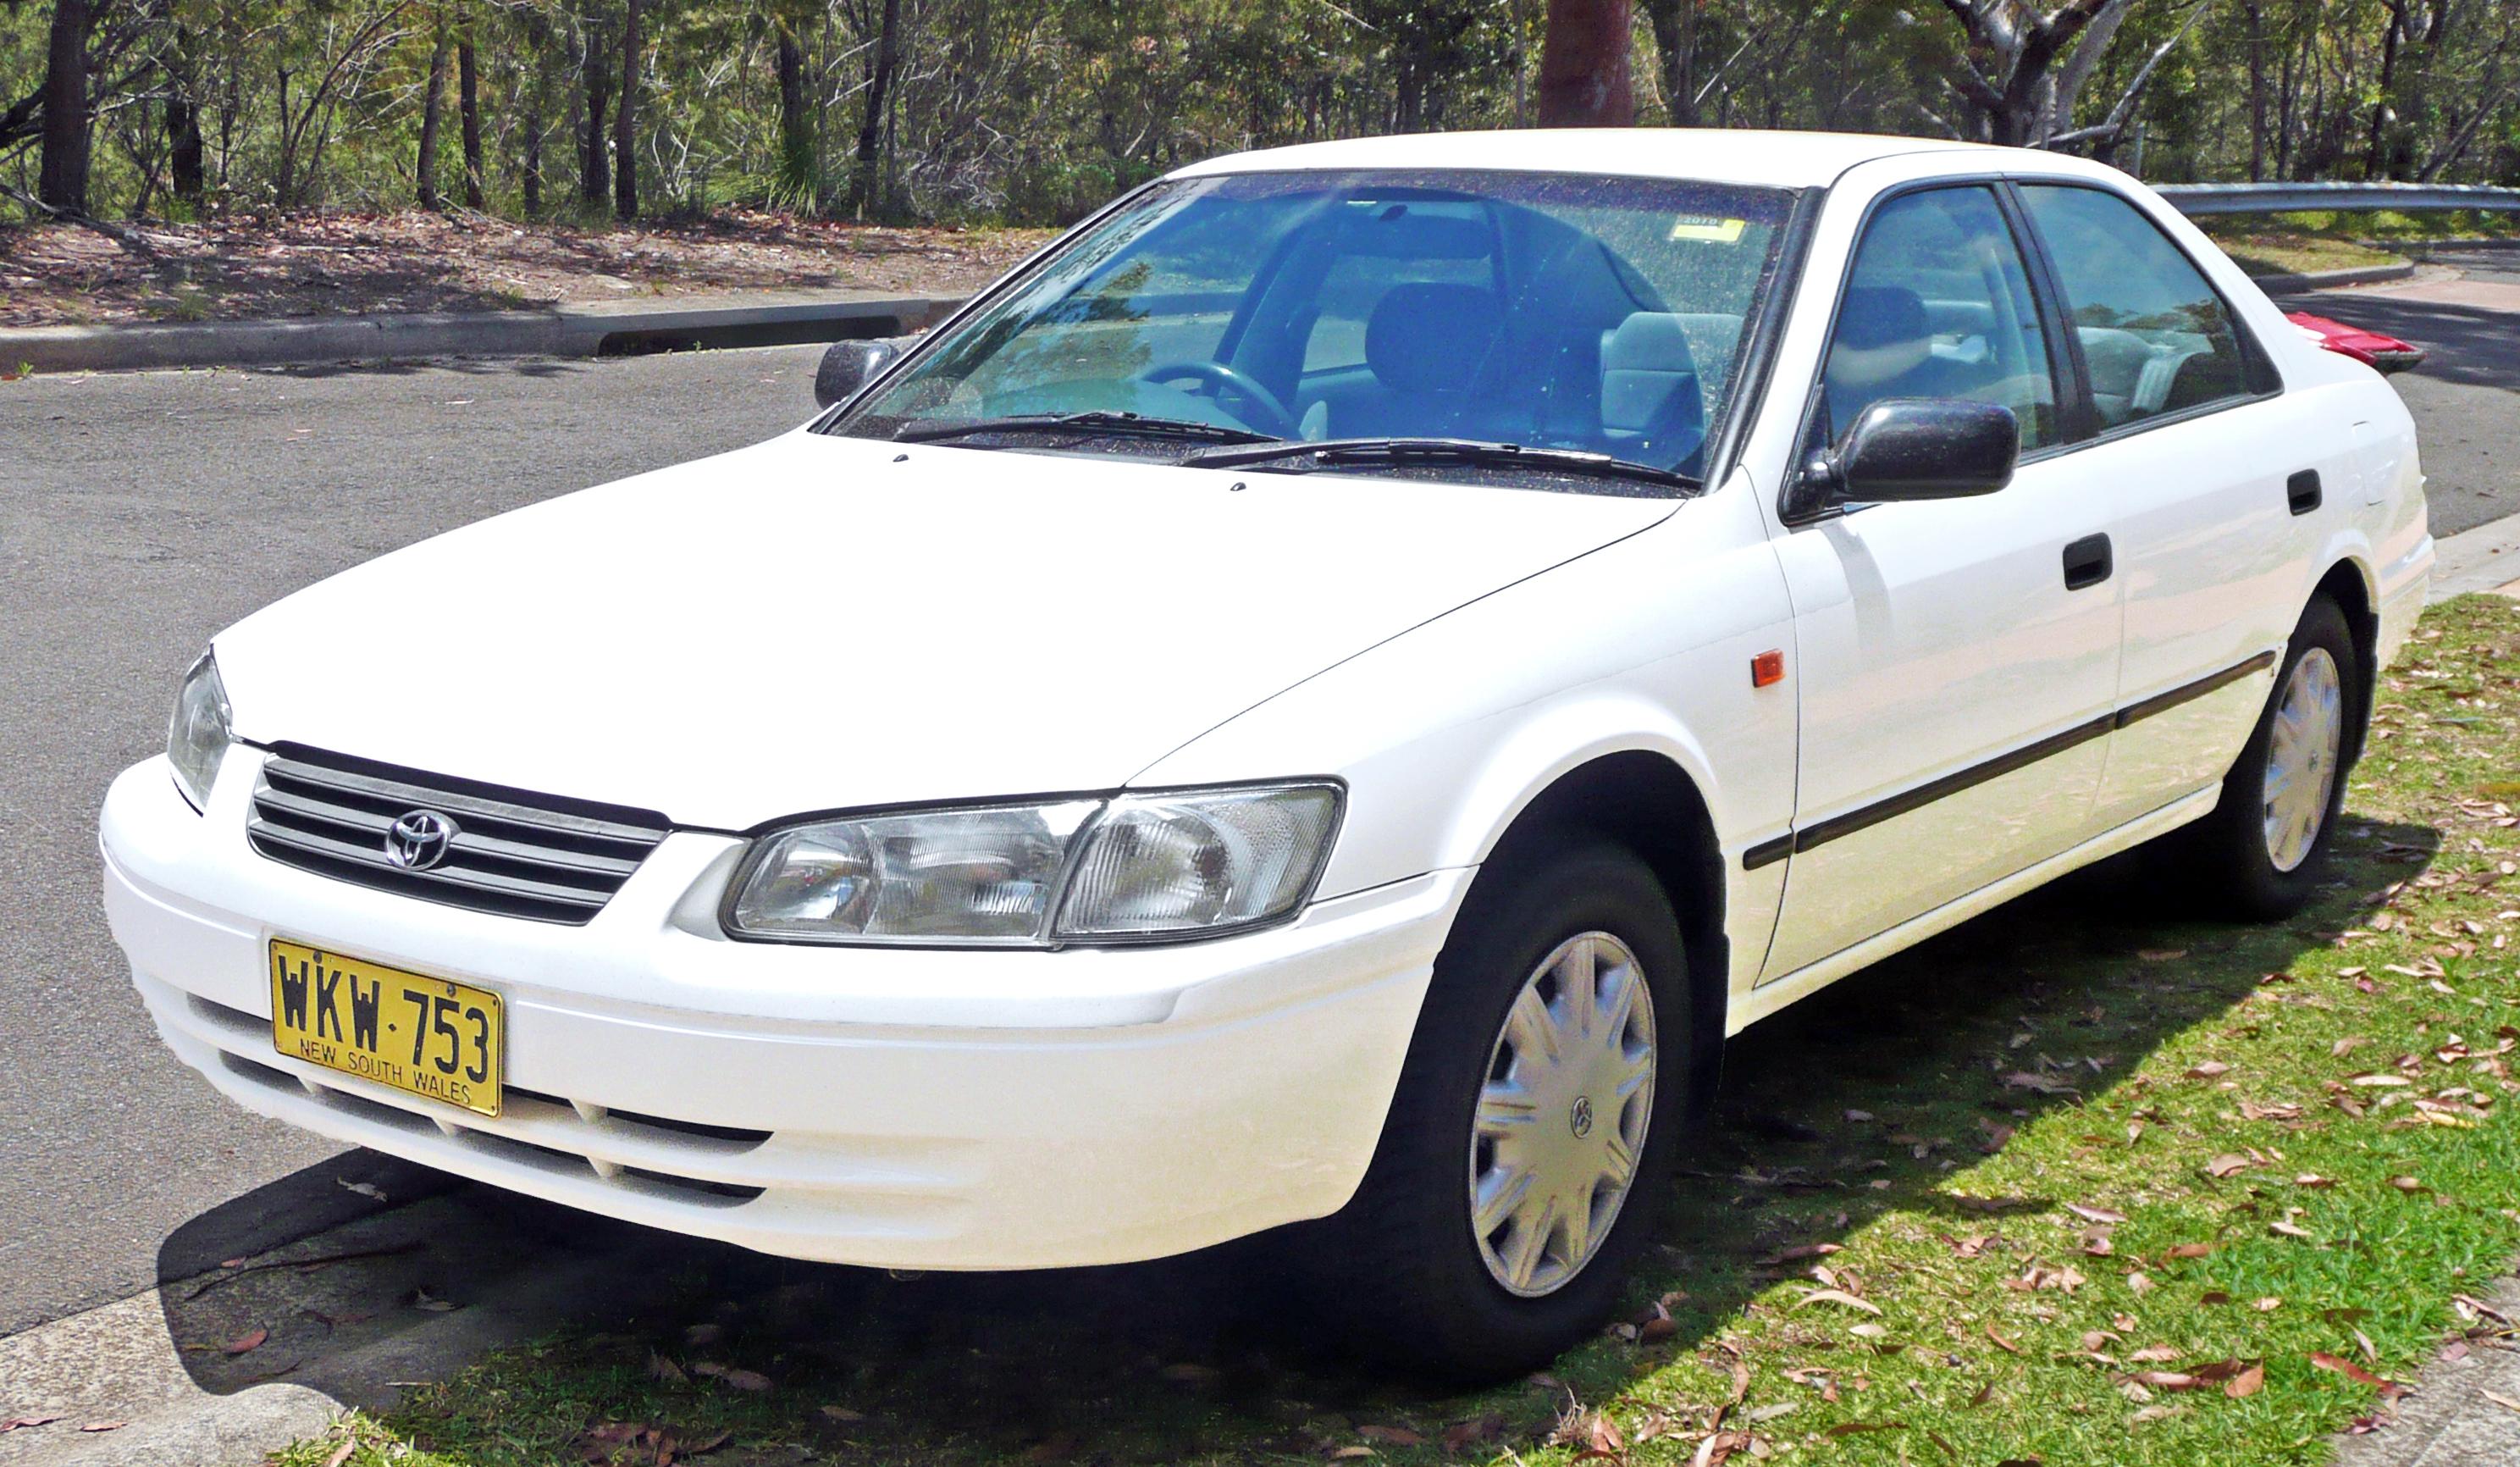 Тойота камри 1997 фото